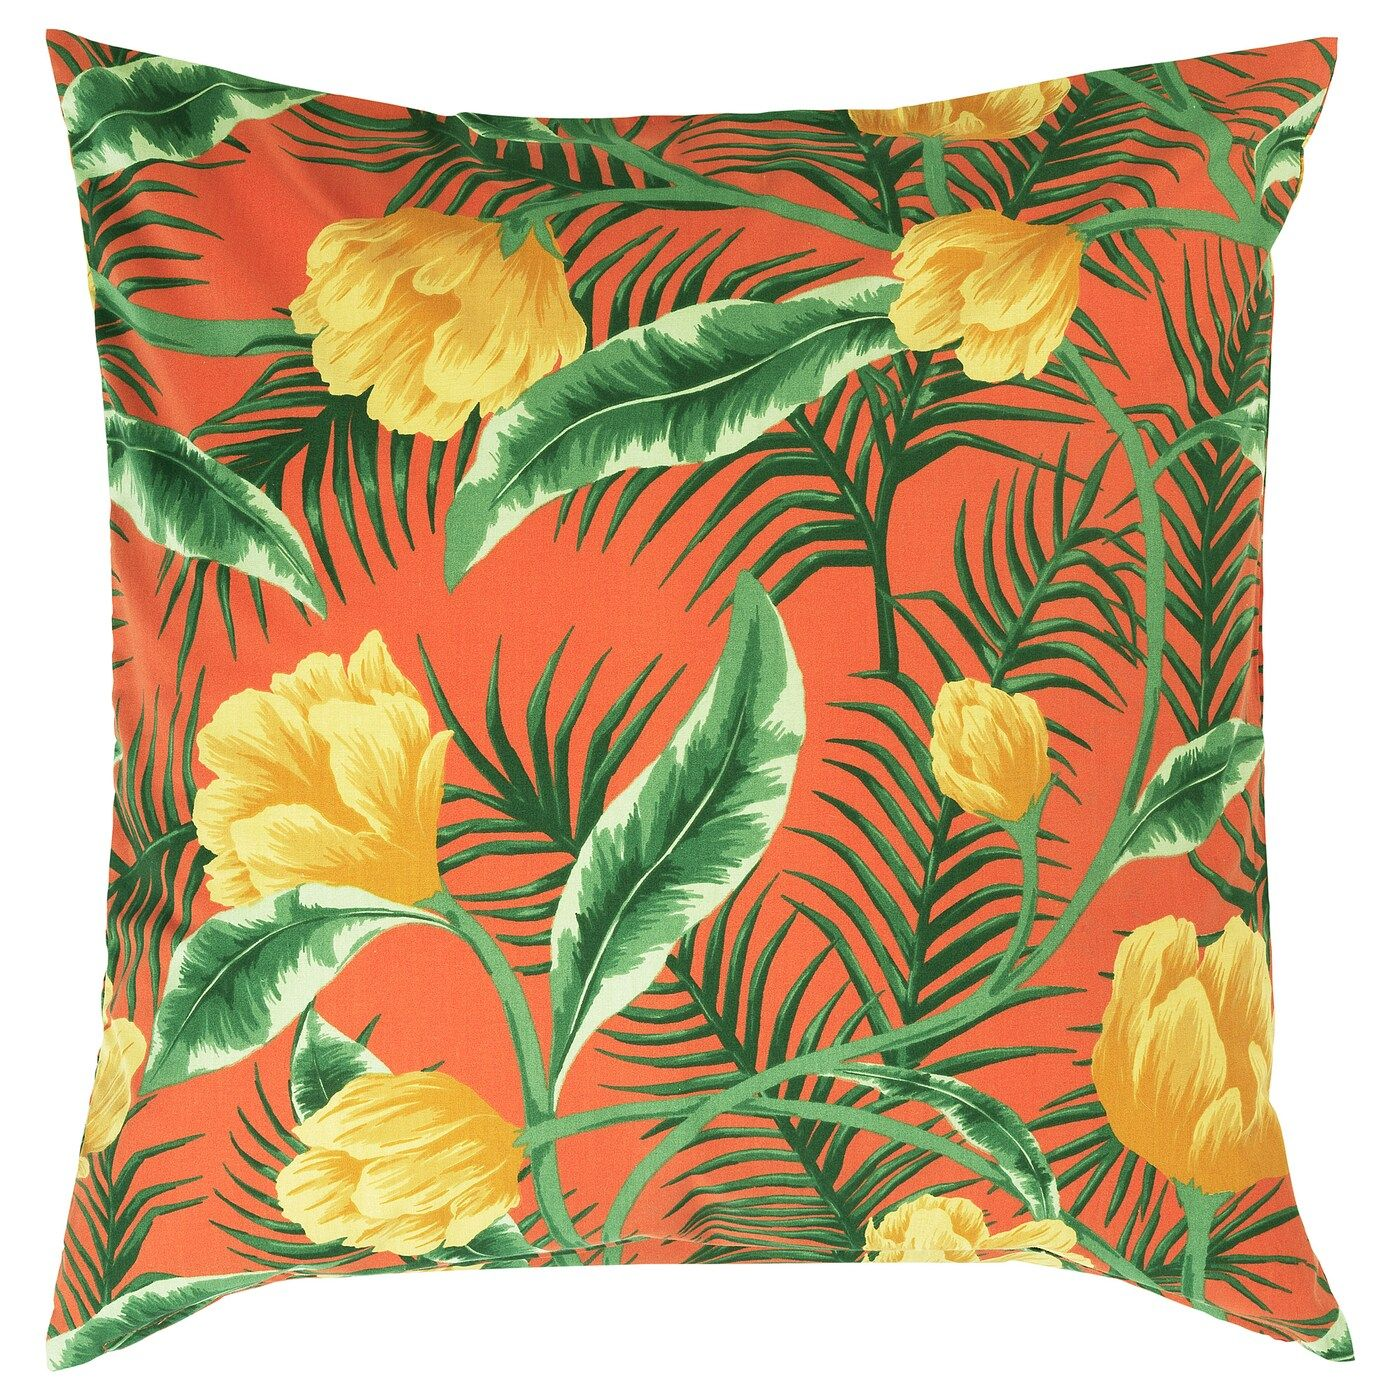 Solblekt Kissenbezug Drinnen Draußen Blumenmuster Orange Kissenbezug Ikea Kissenbezug Blumenmuster